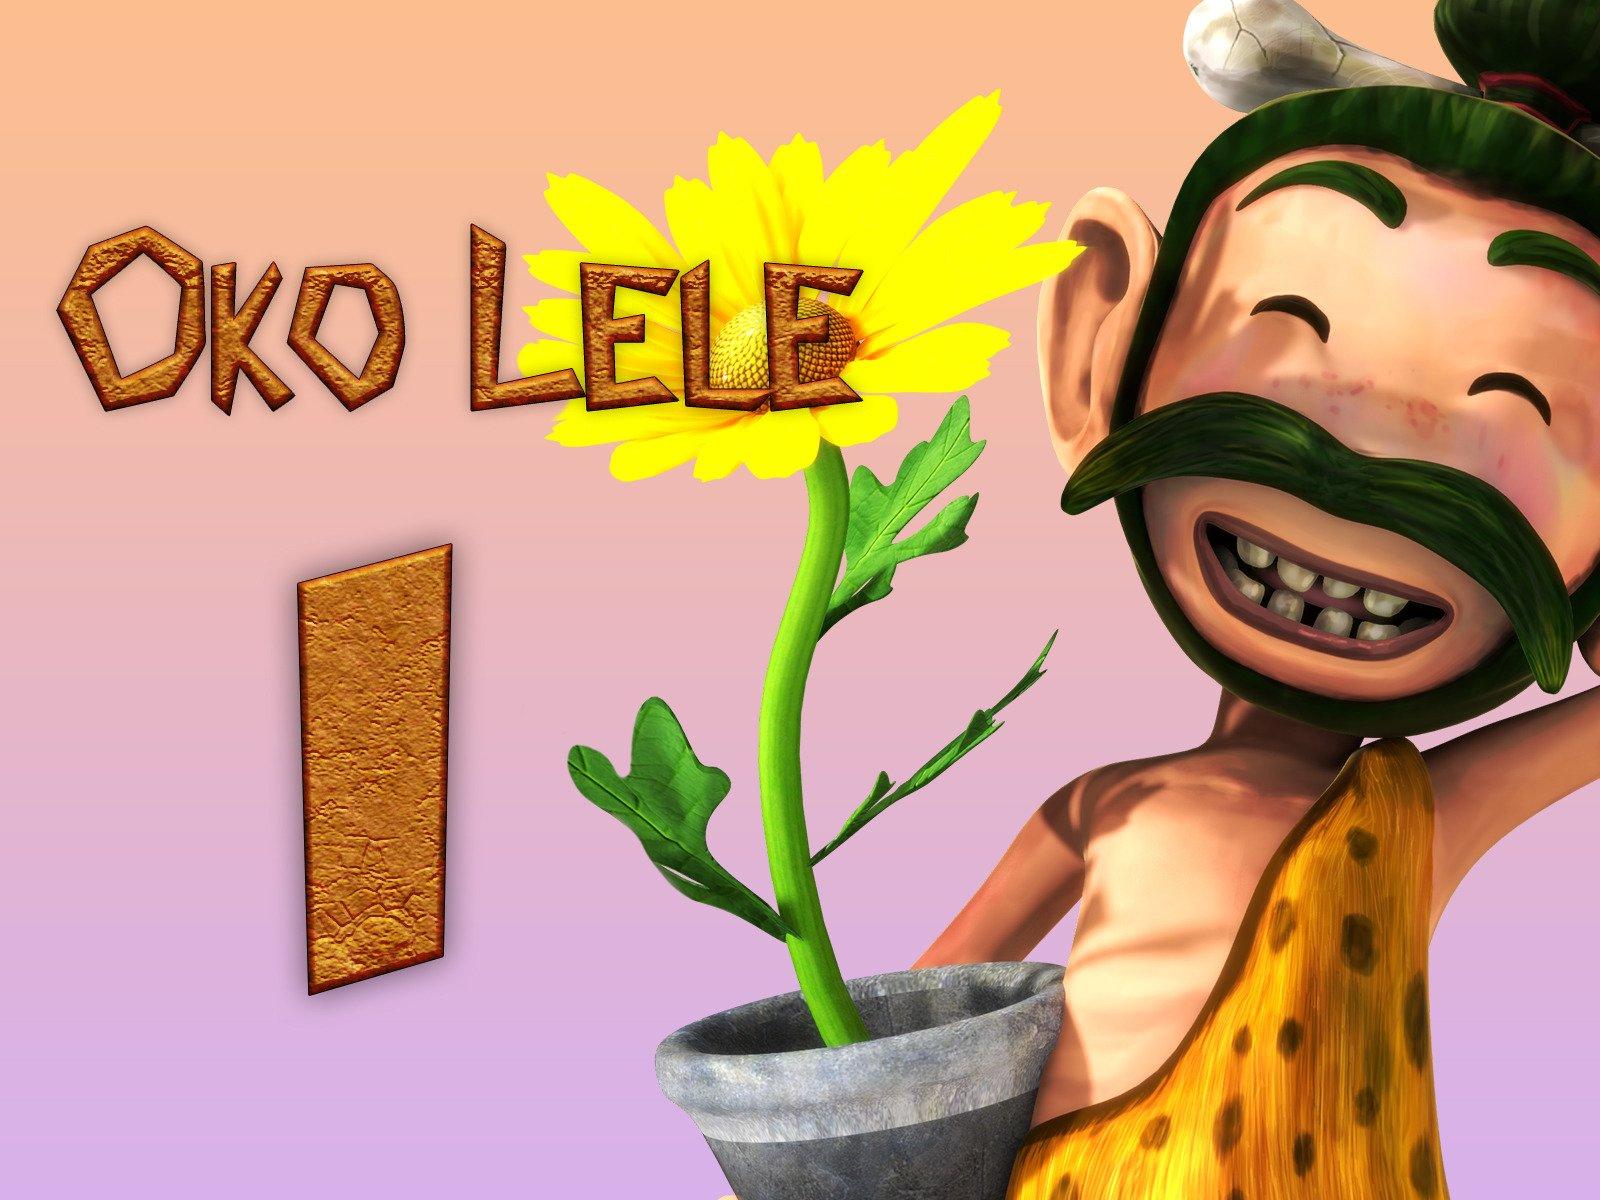 Oko Lele - Season 1